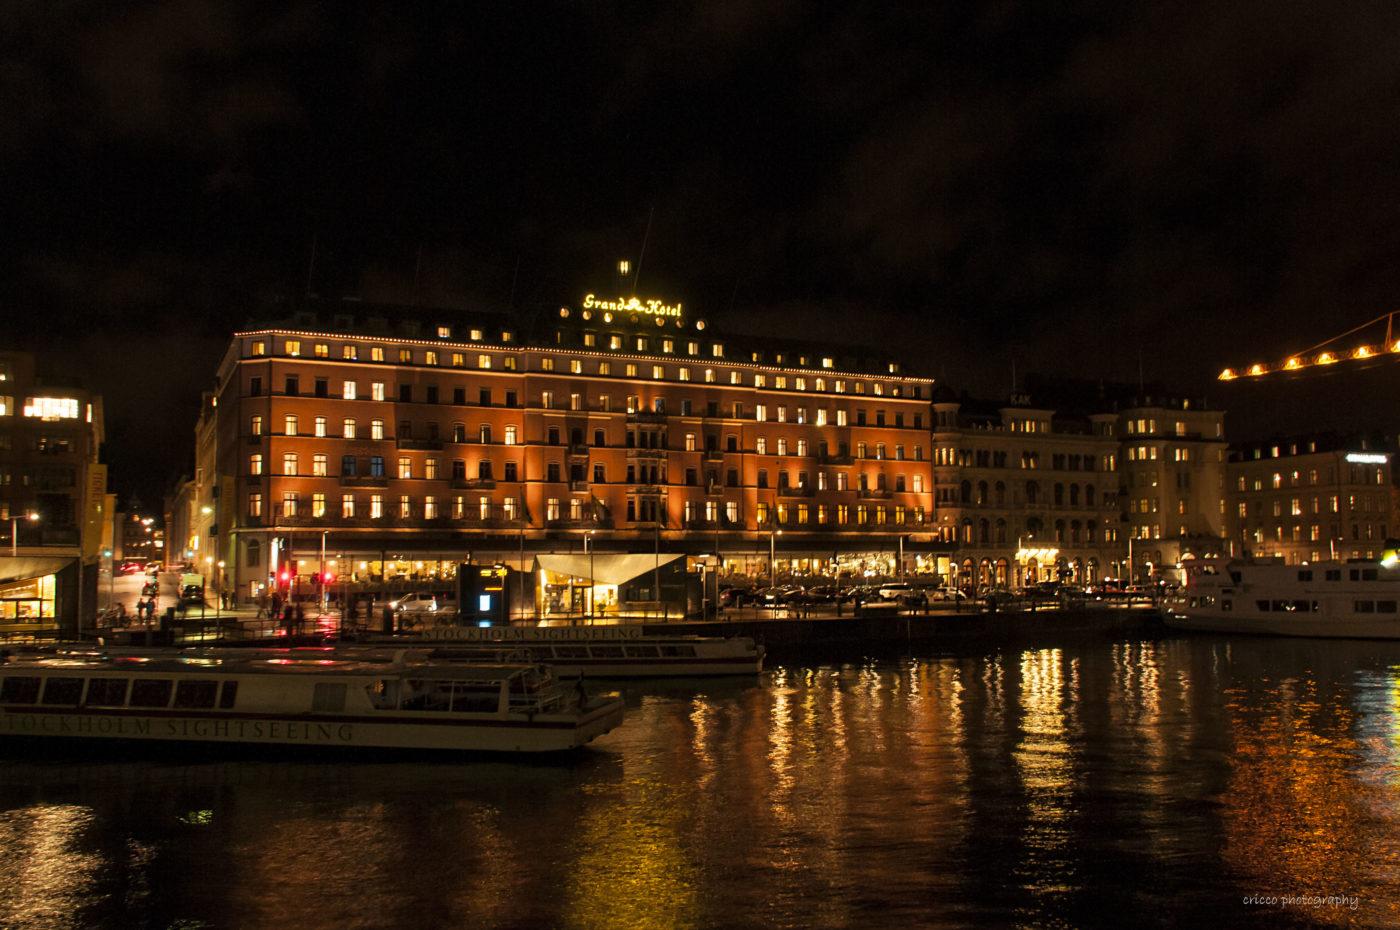 Grand Hotel - Cricco